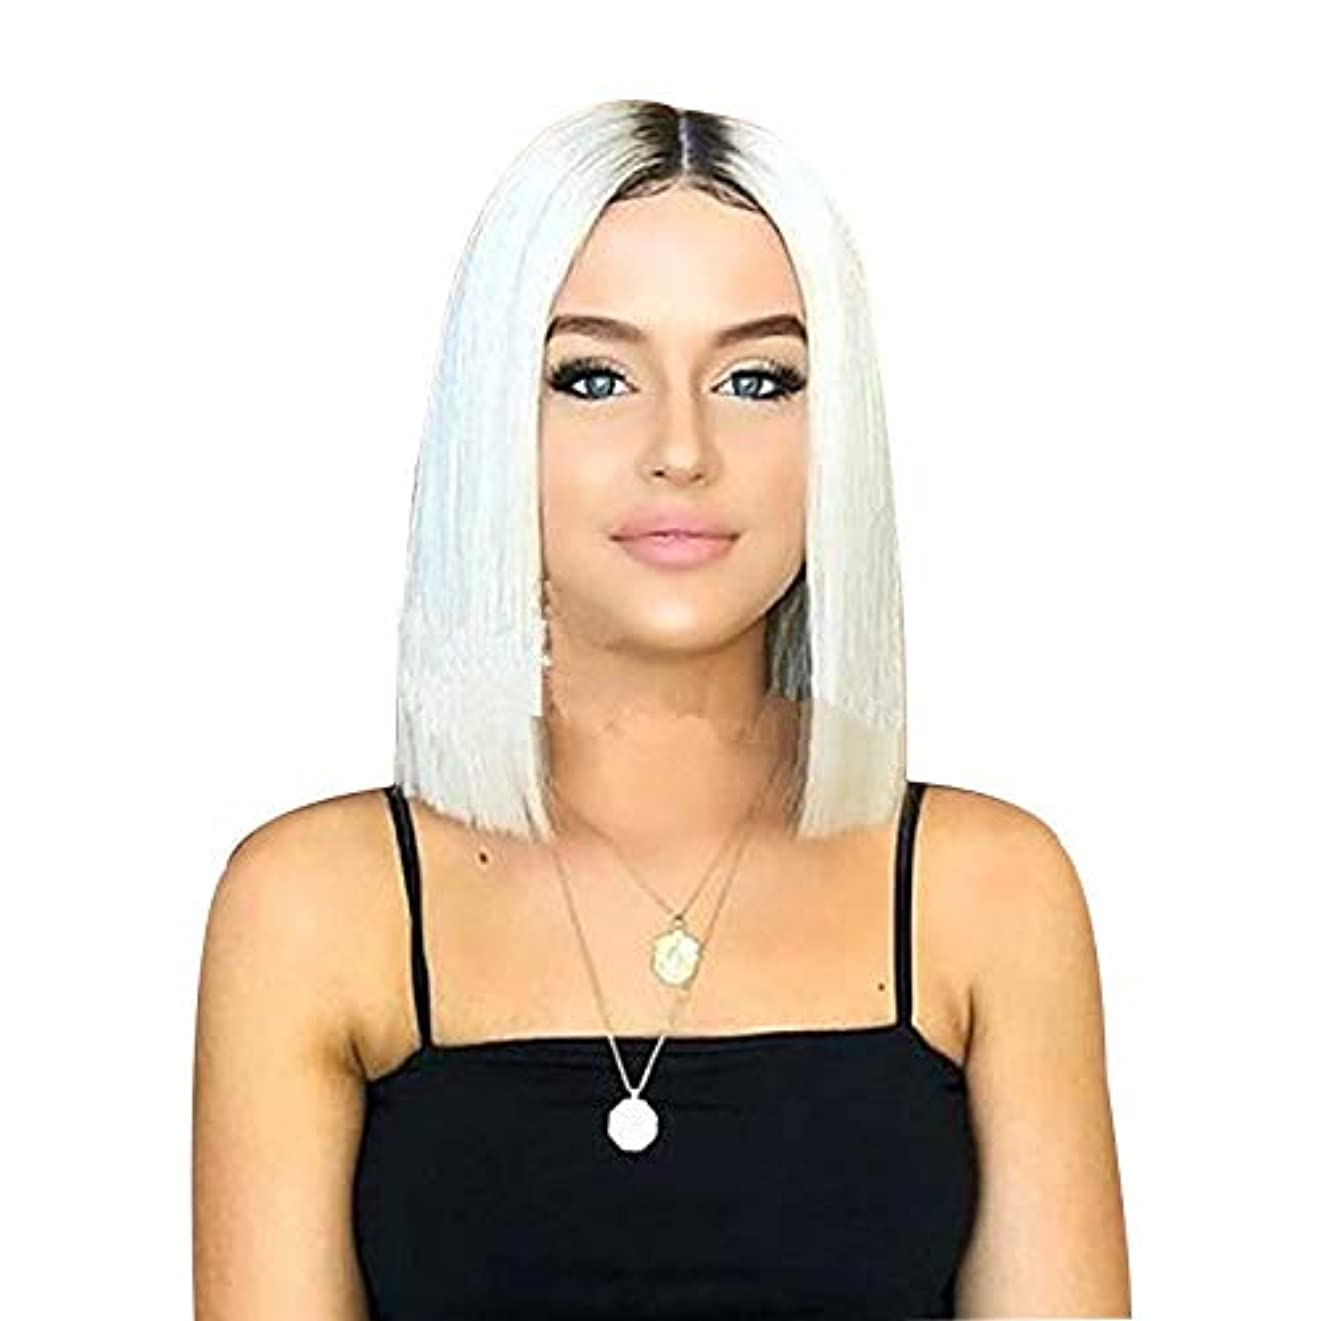 未接続によってたくさんのWASAIO 女性の短いボブウィッグストレートヘアホワイトダークロングヘア30cm (色 : ホワイト)